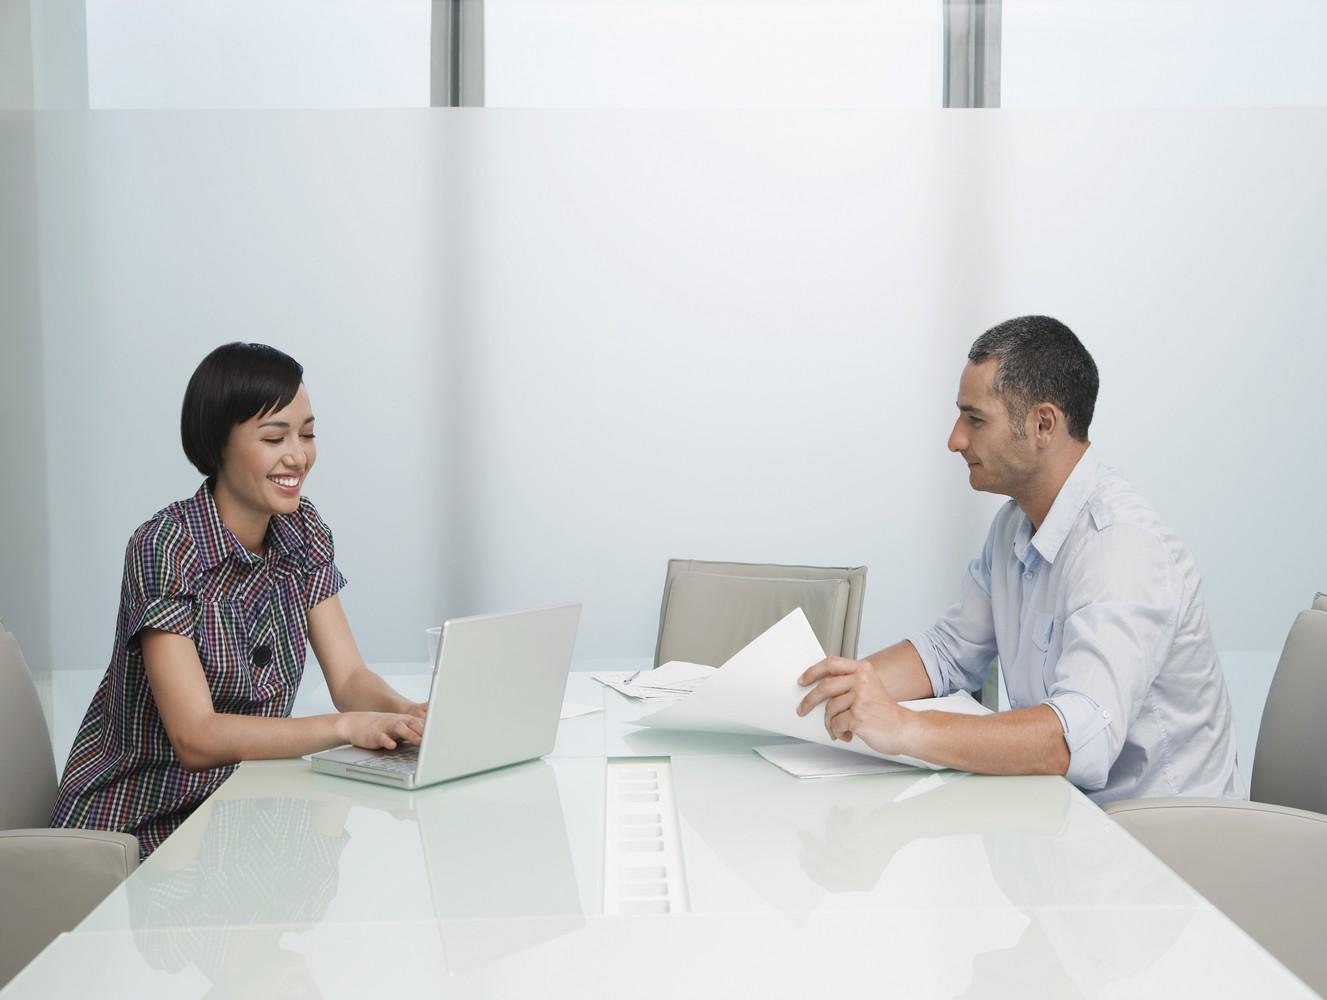 bilan de compétence gratuit pole emploi